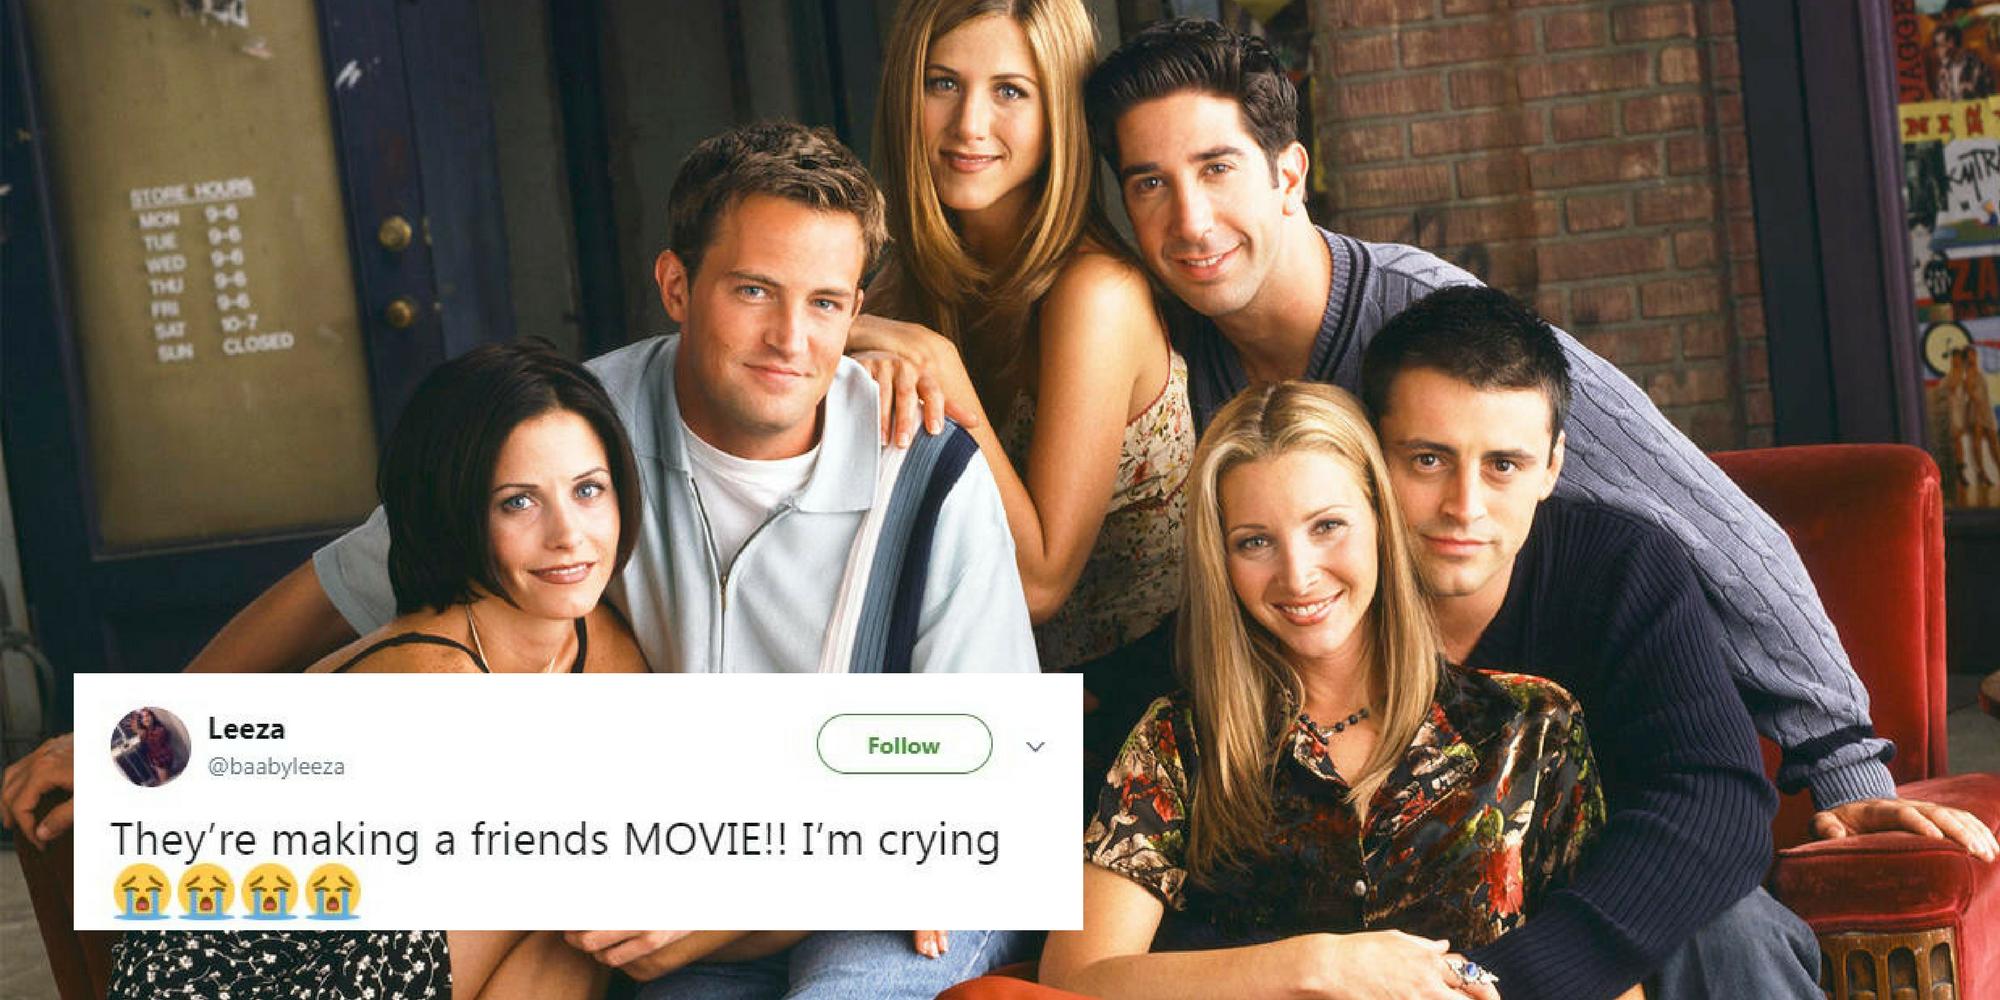 Movie full for venner altid Venner for